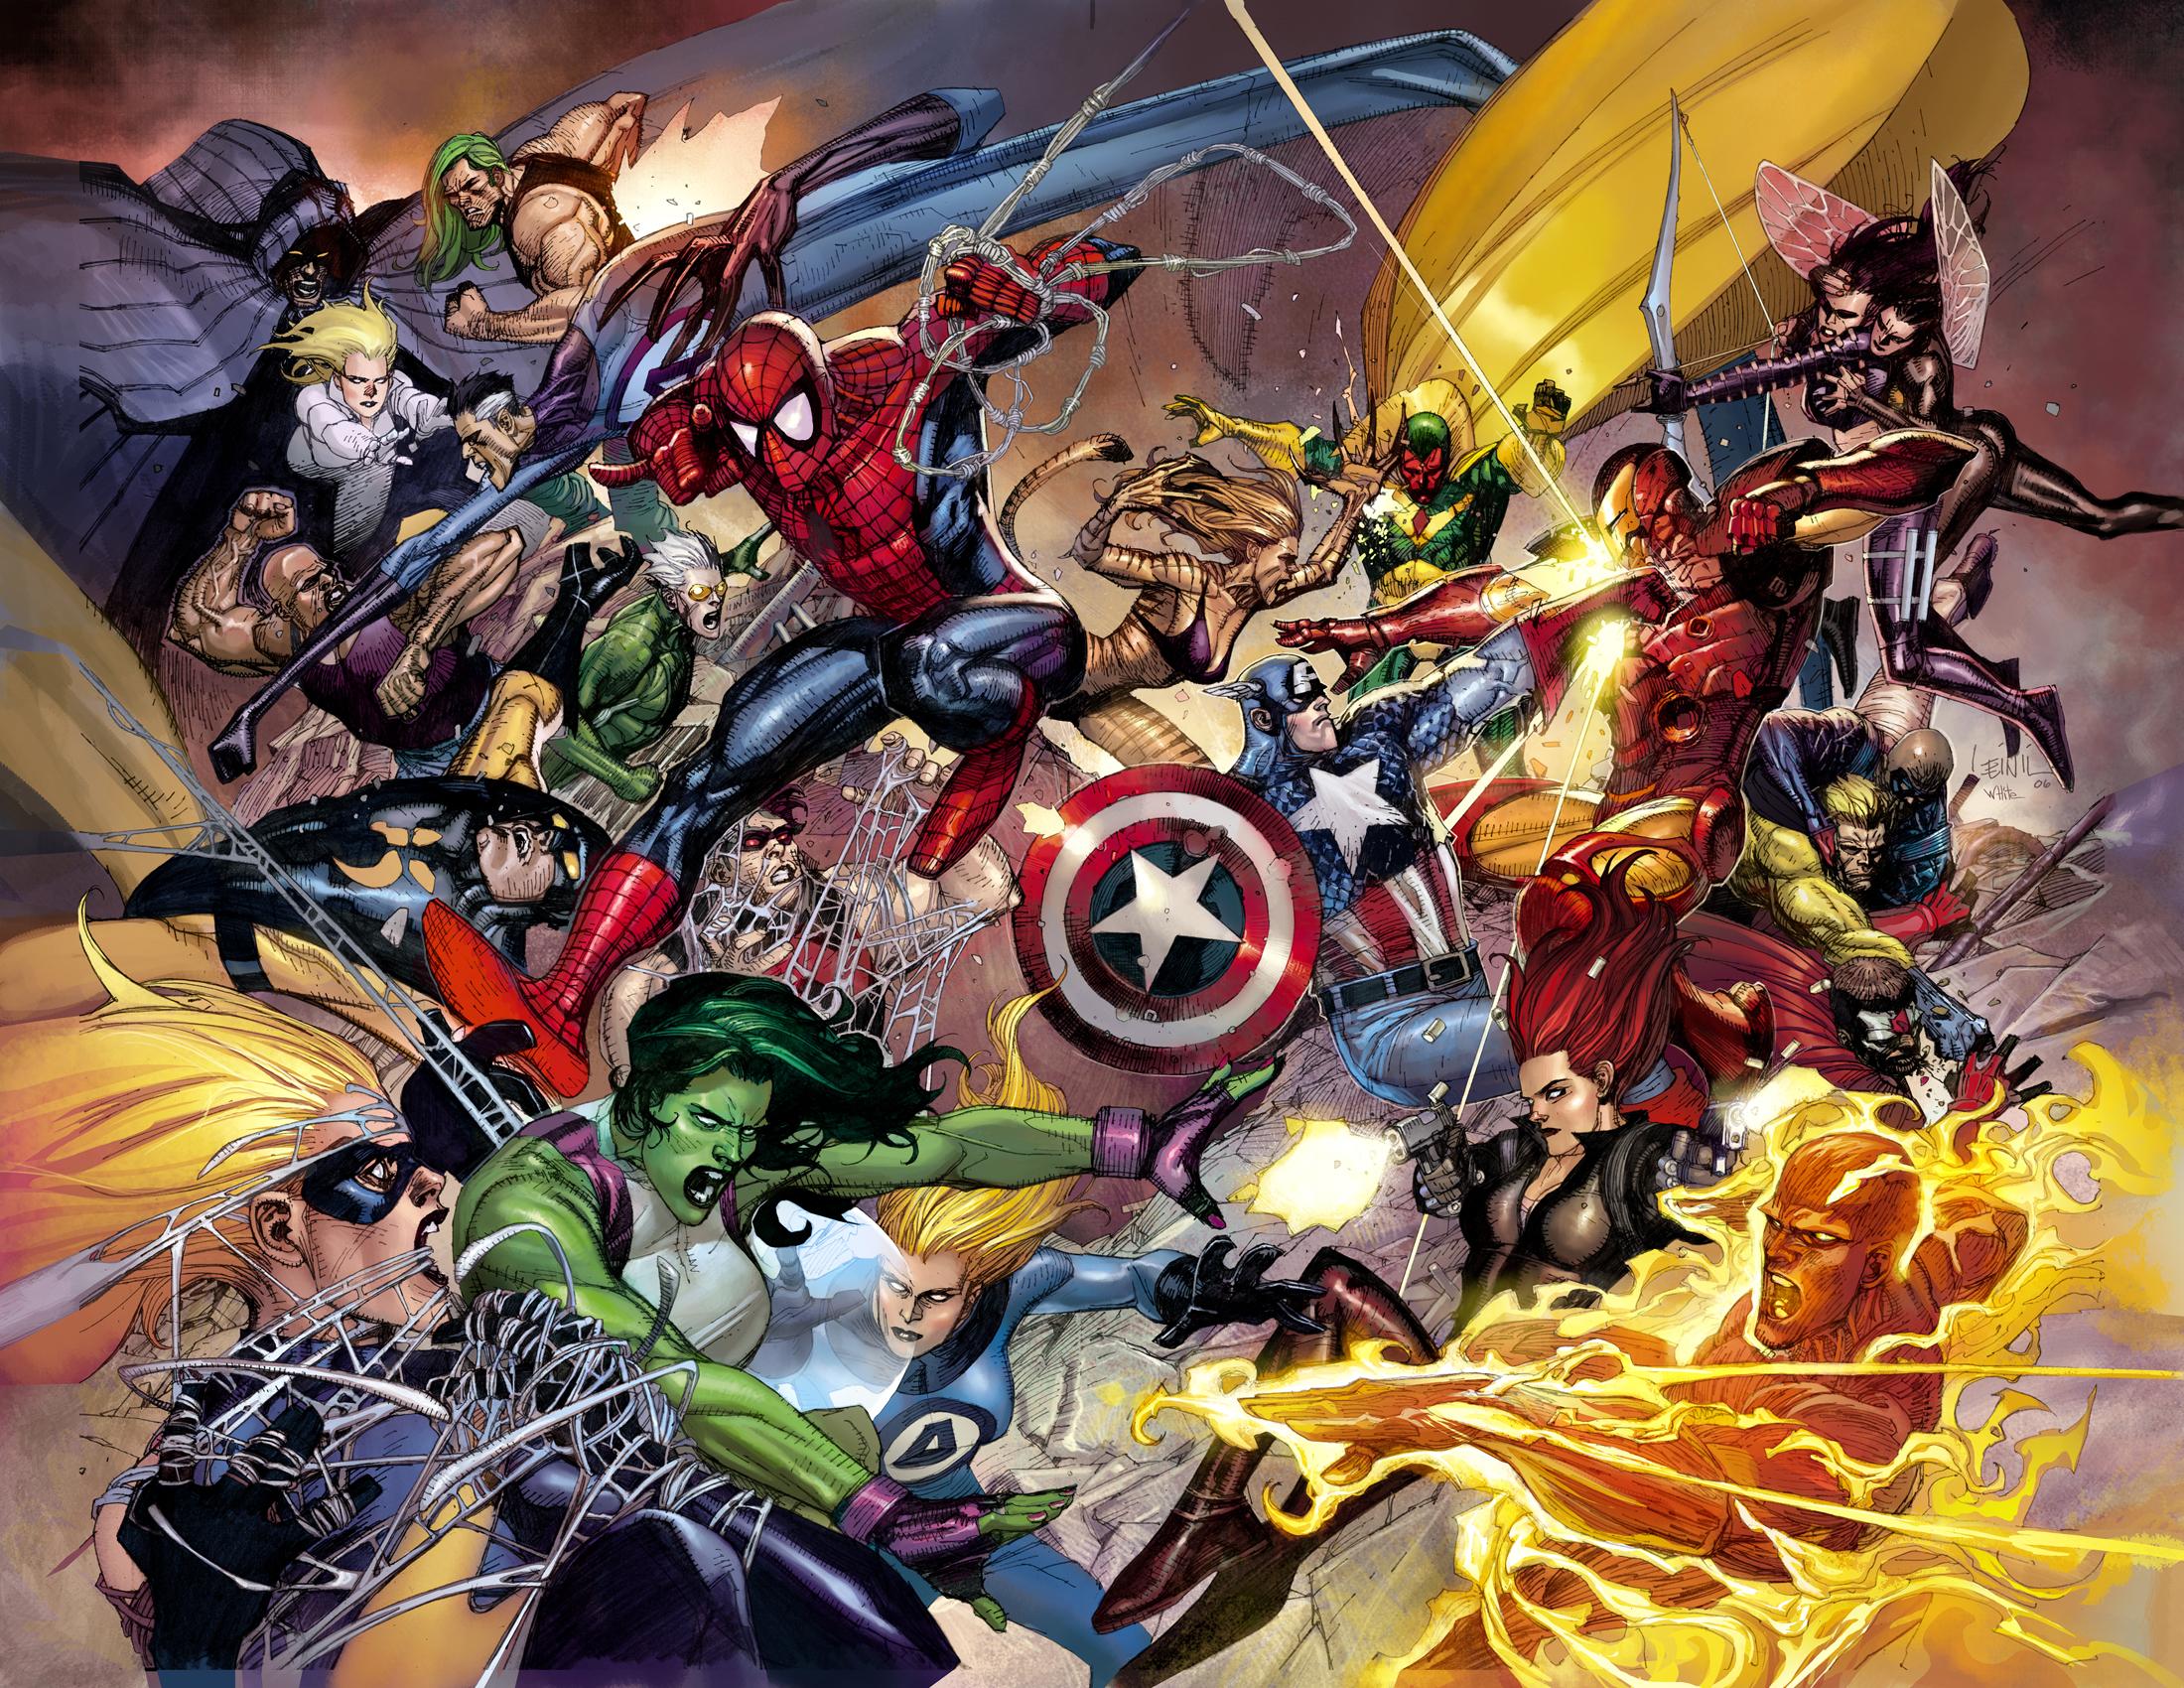 Avengers 2 debera tener lugar en la Tierra en el espacio o en los 2200x1700